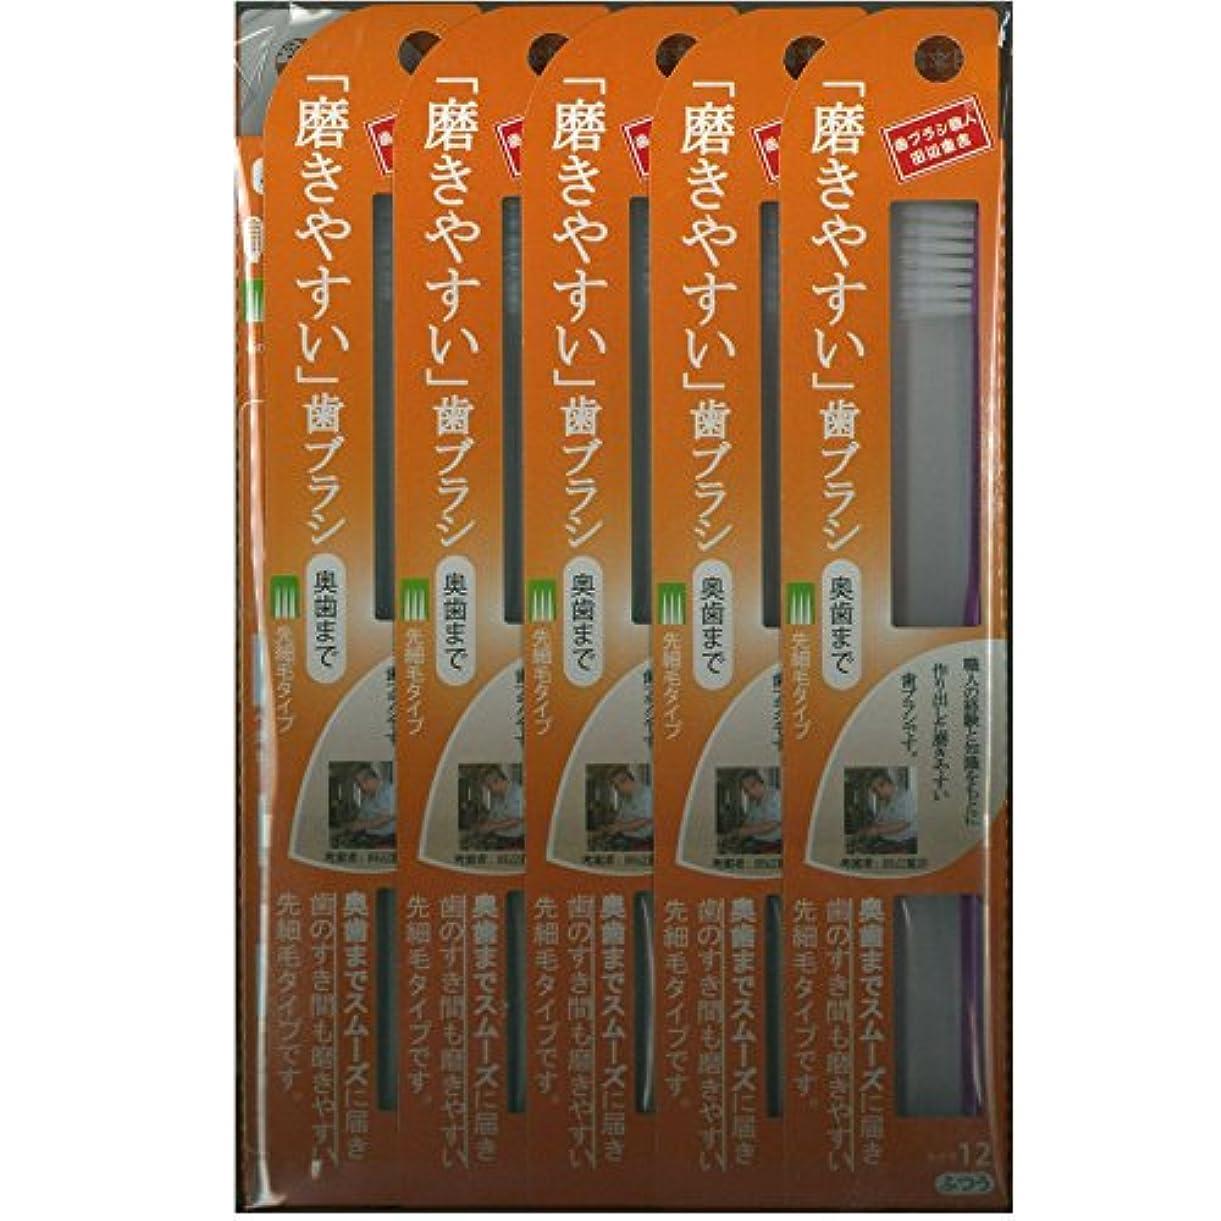 流行ホイットニー国民磨きやすい歯ブラシ(奥歯まで)先細 LT-12×12本セット( ピンク×4本、ブルー×4本、グリーン×2本、パープル×2本)